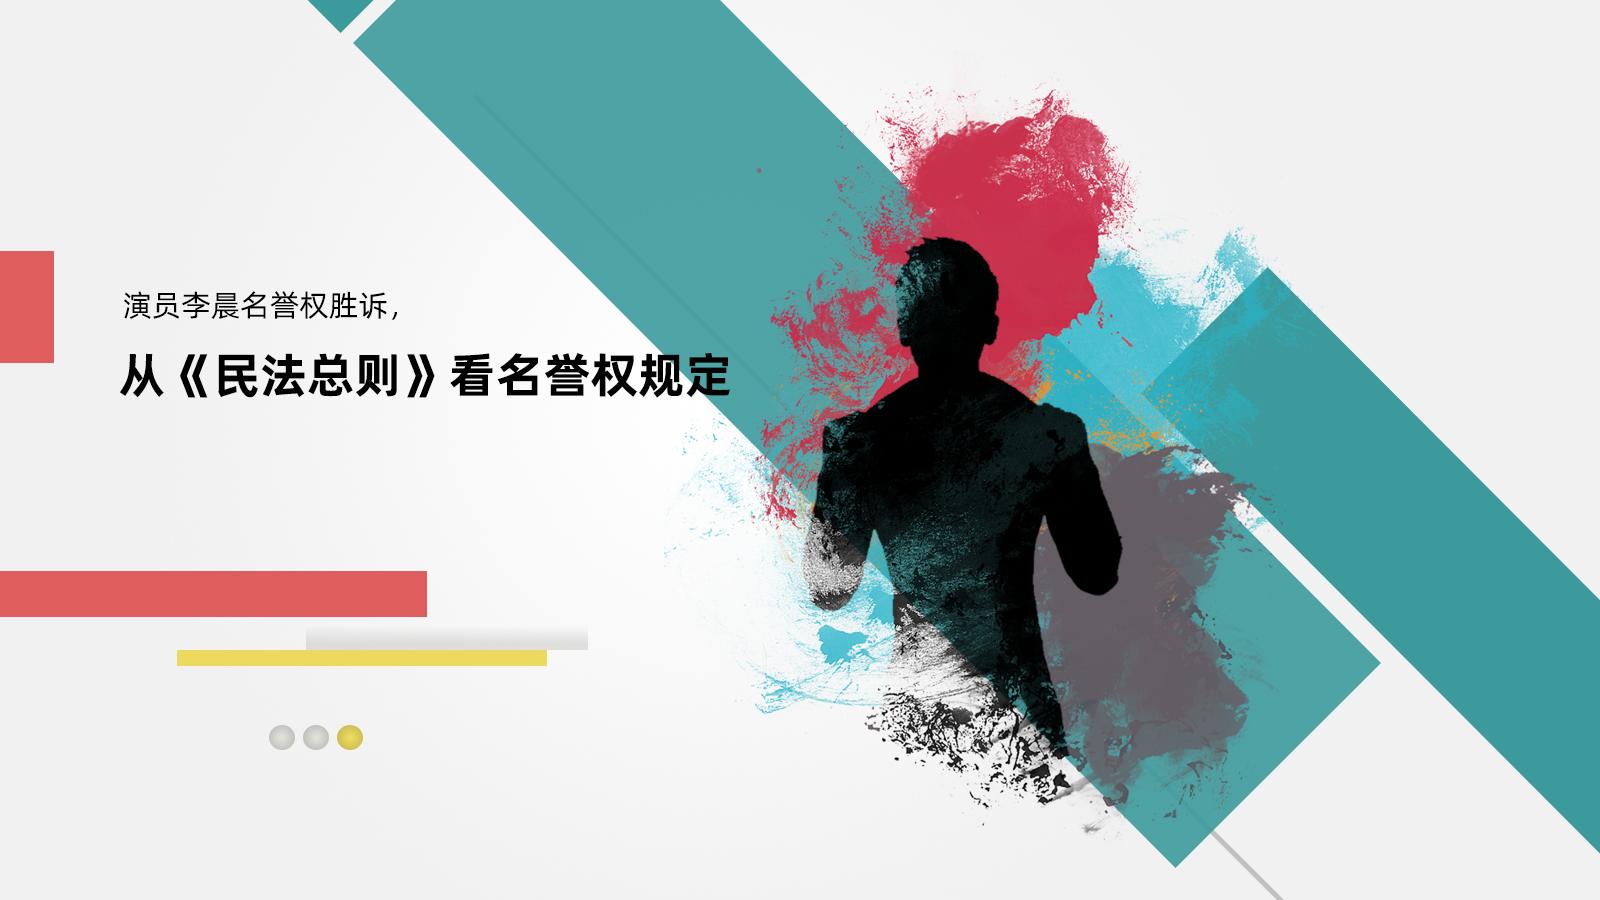 演员李晨名誉权胜诉,从《民法总则》看名誉权规定